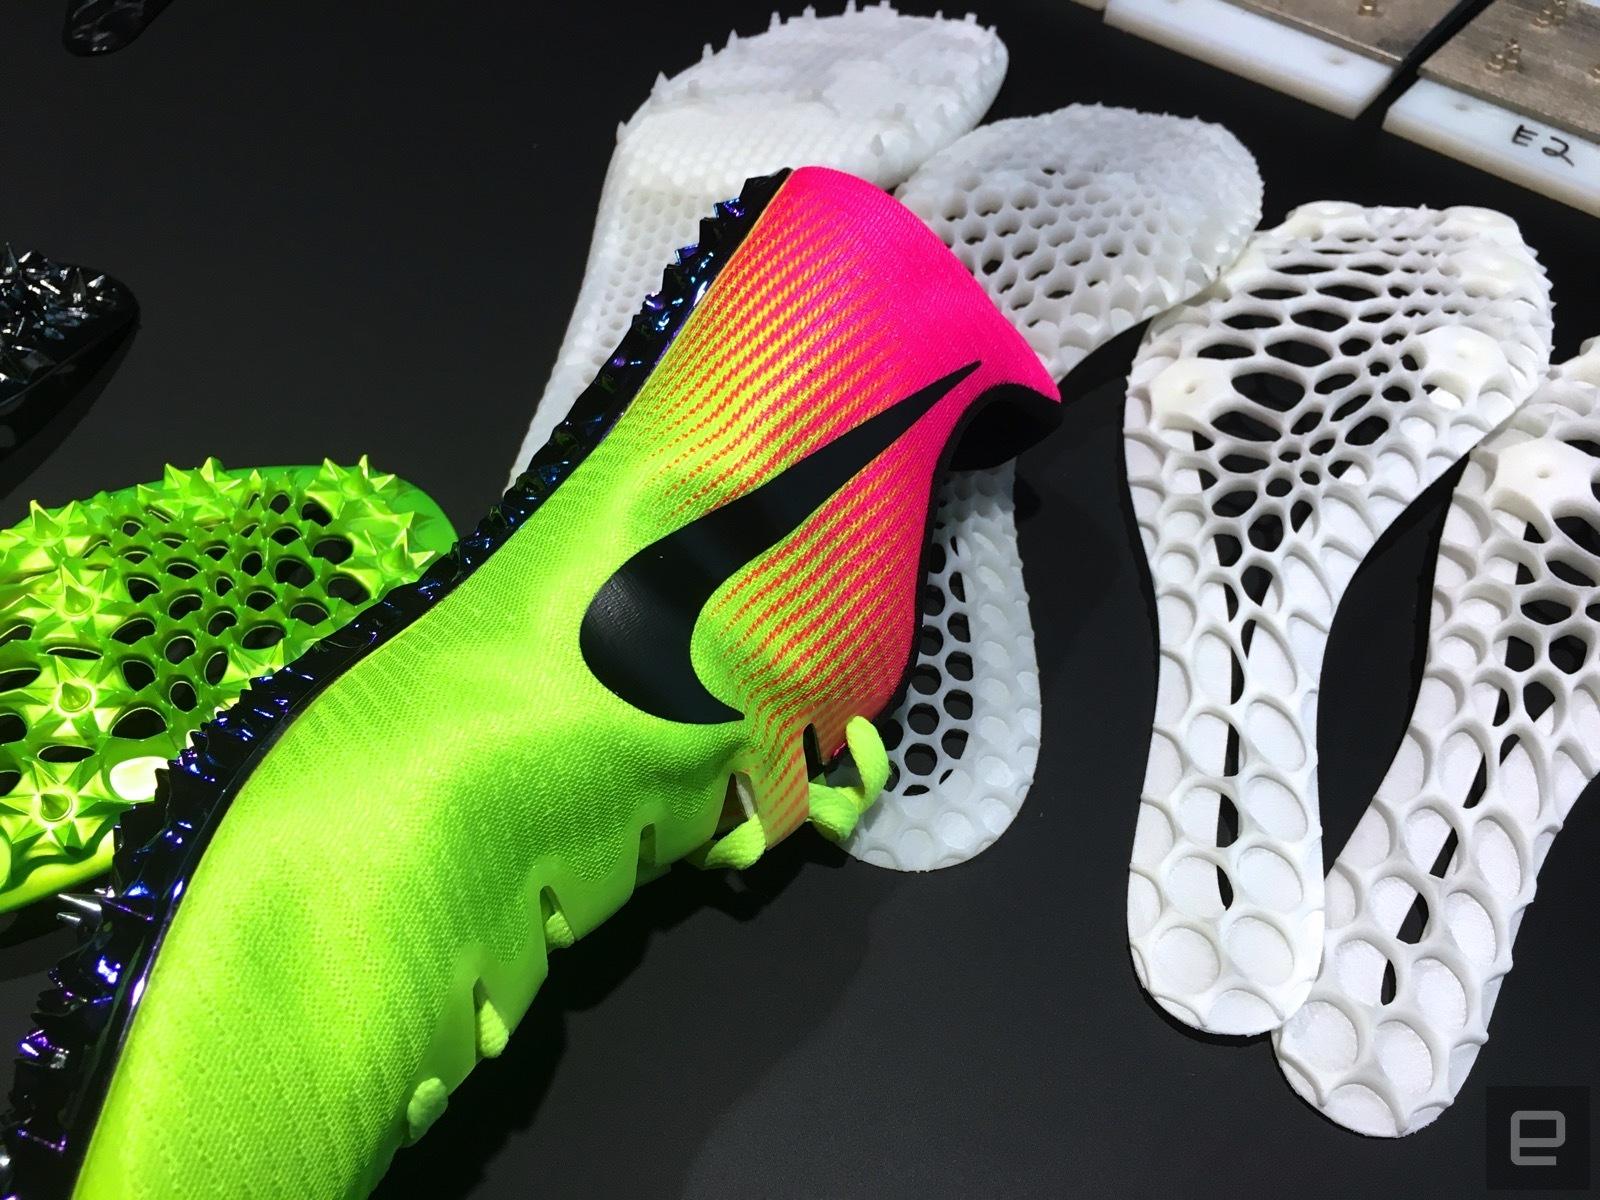 Nike использует 3D печать и привлекает Олимпийских спринтеров для создания новых беговых кроссовок